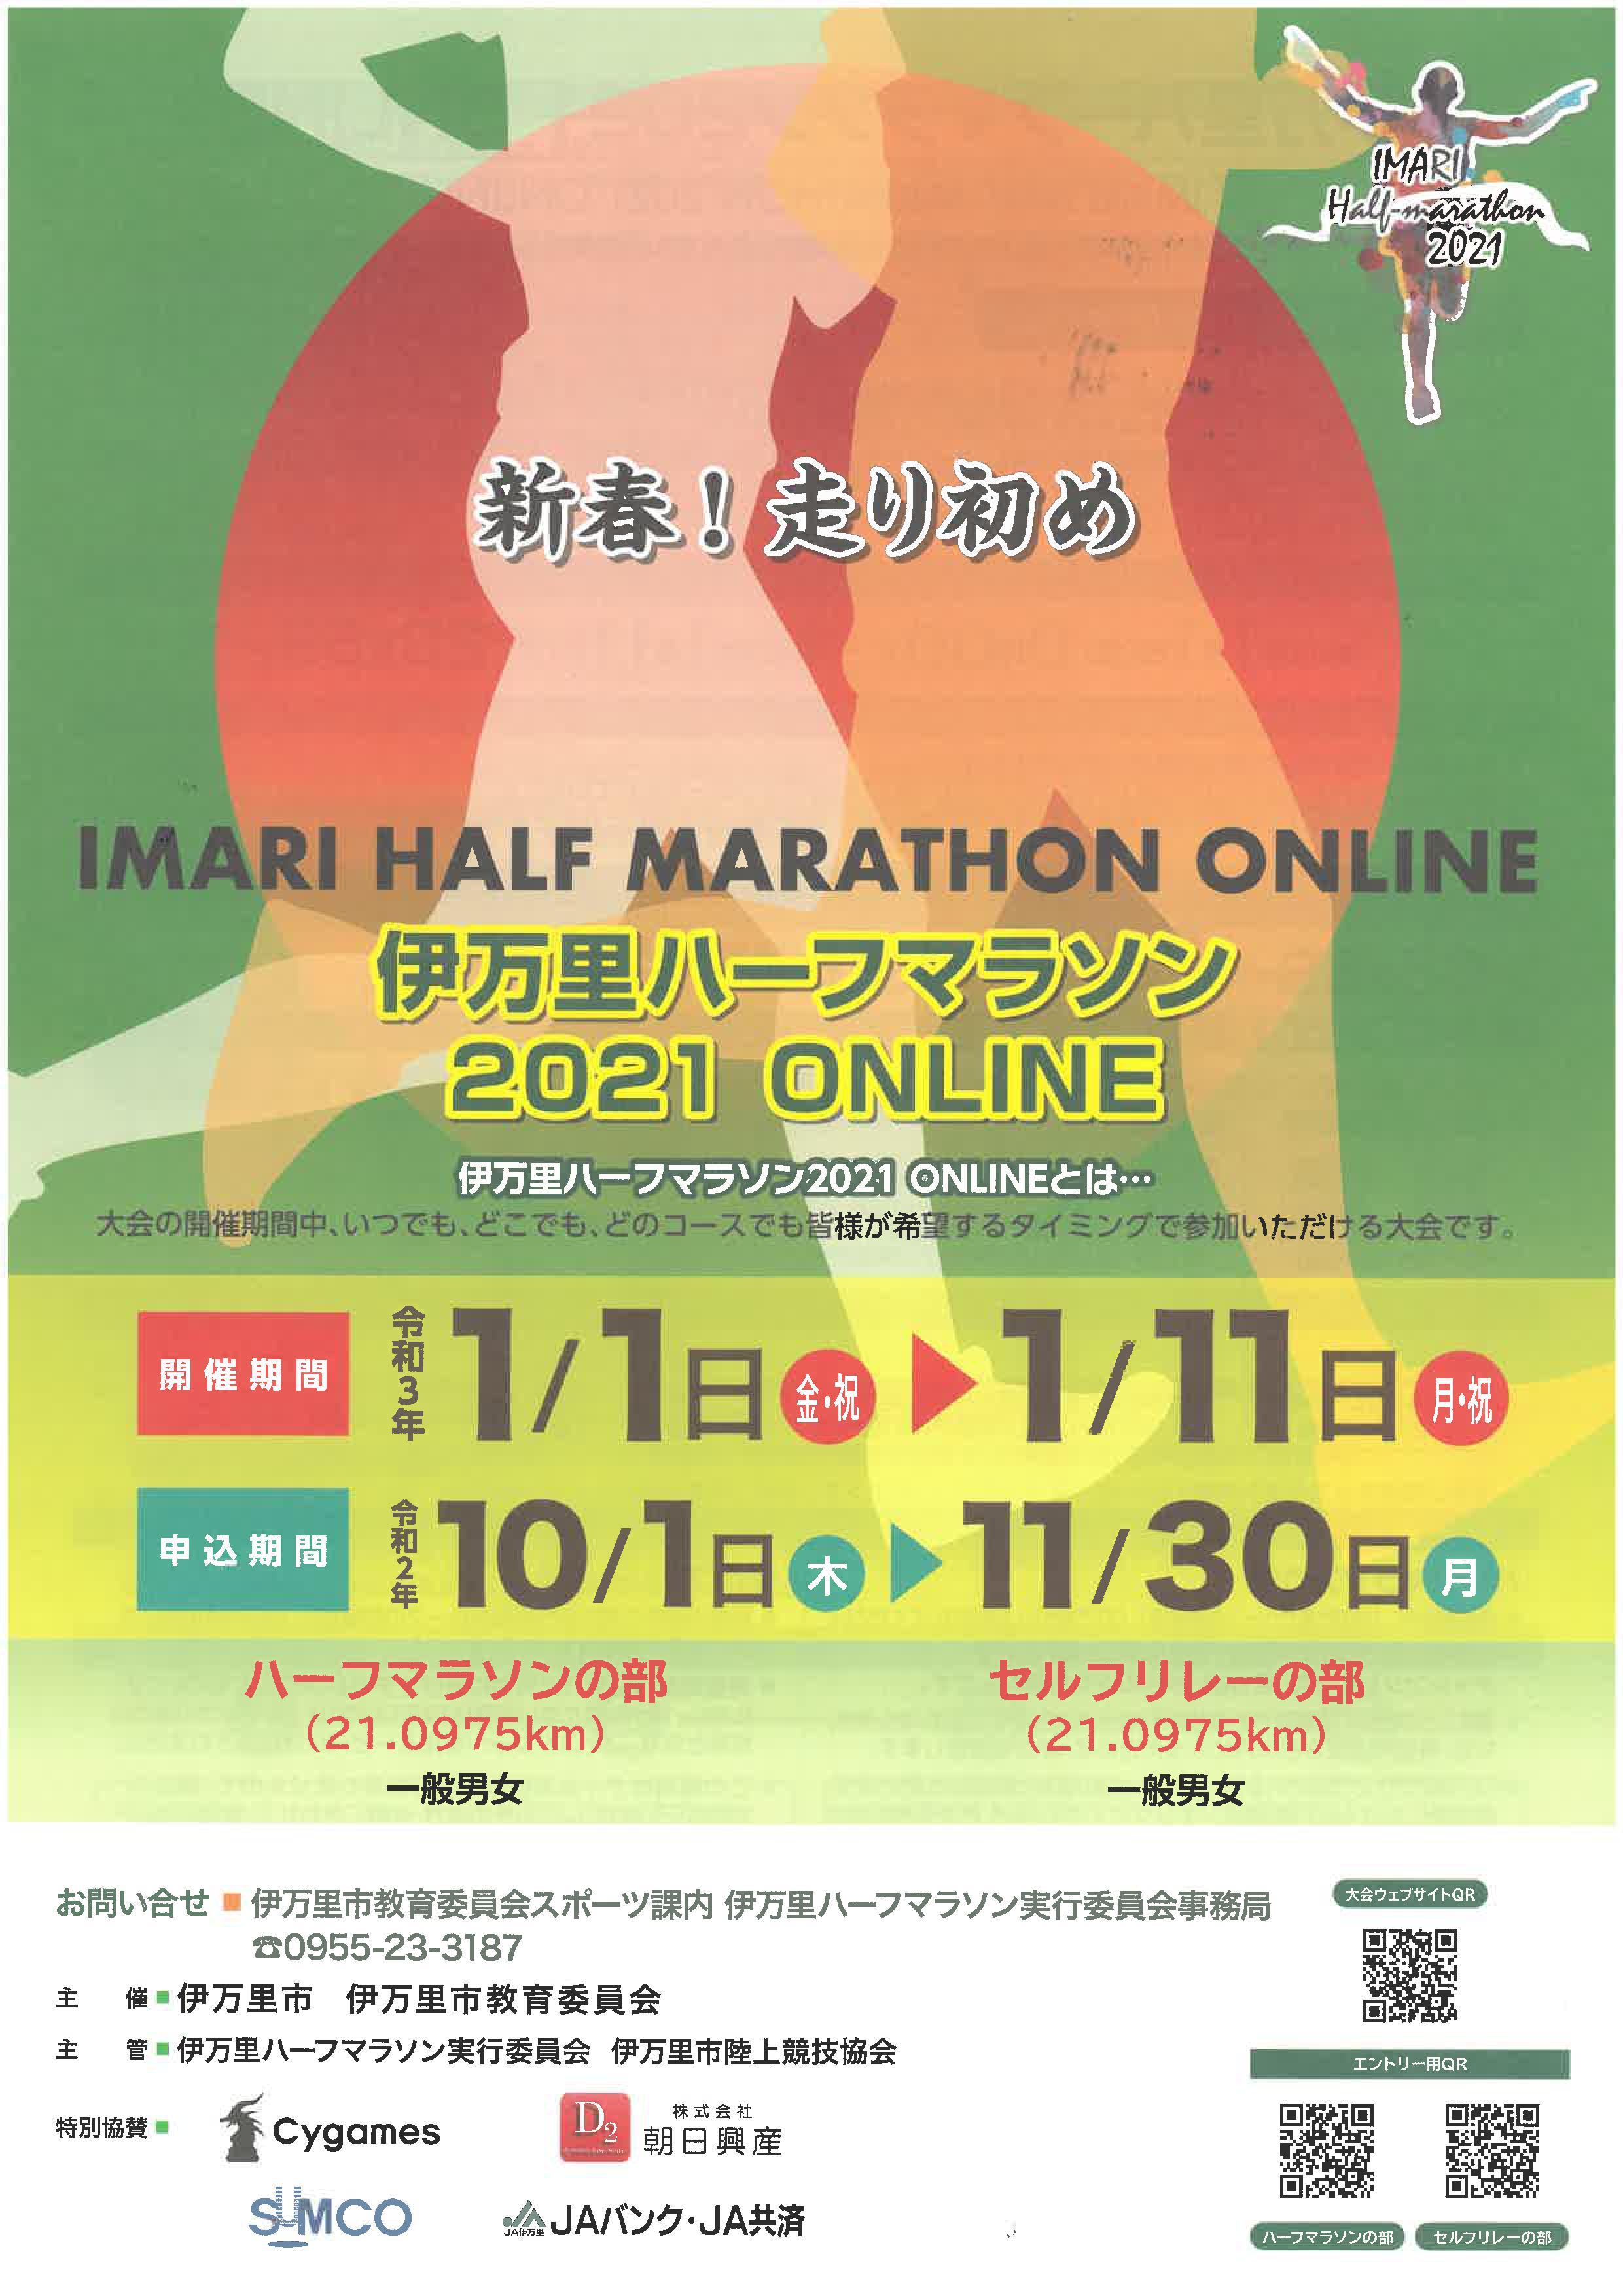 マラソン 伊万里 ハーフ 伊万里ハーフマラソン2020成績/伊万里市